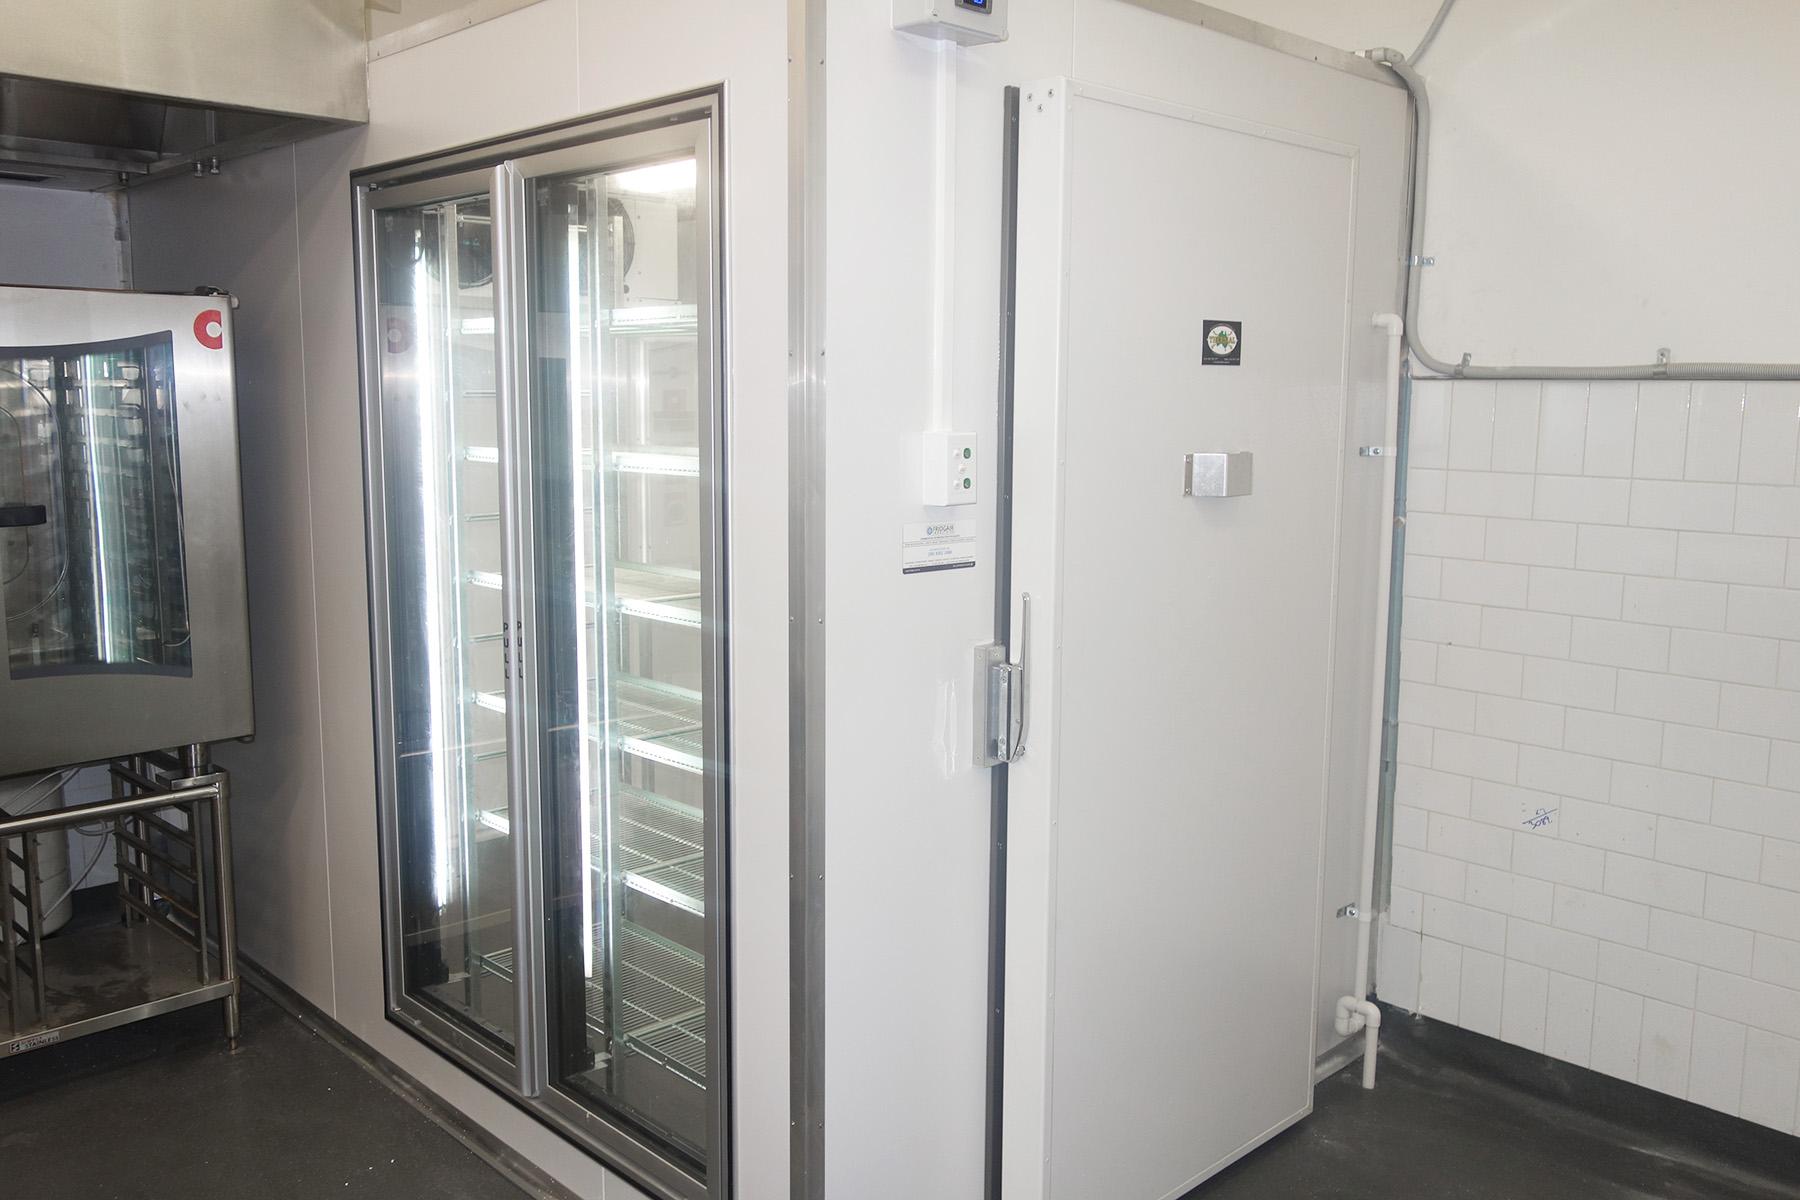 Kitchen_Coolroom_Glass_Display_Doors.jpg